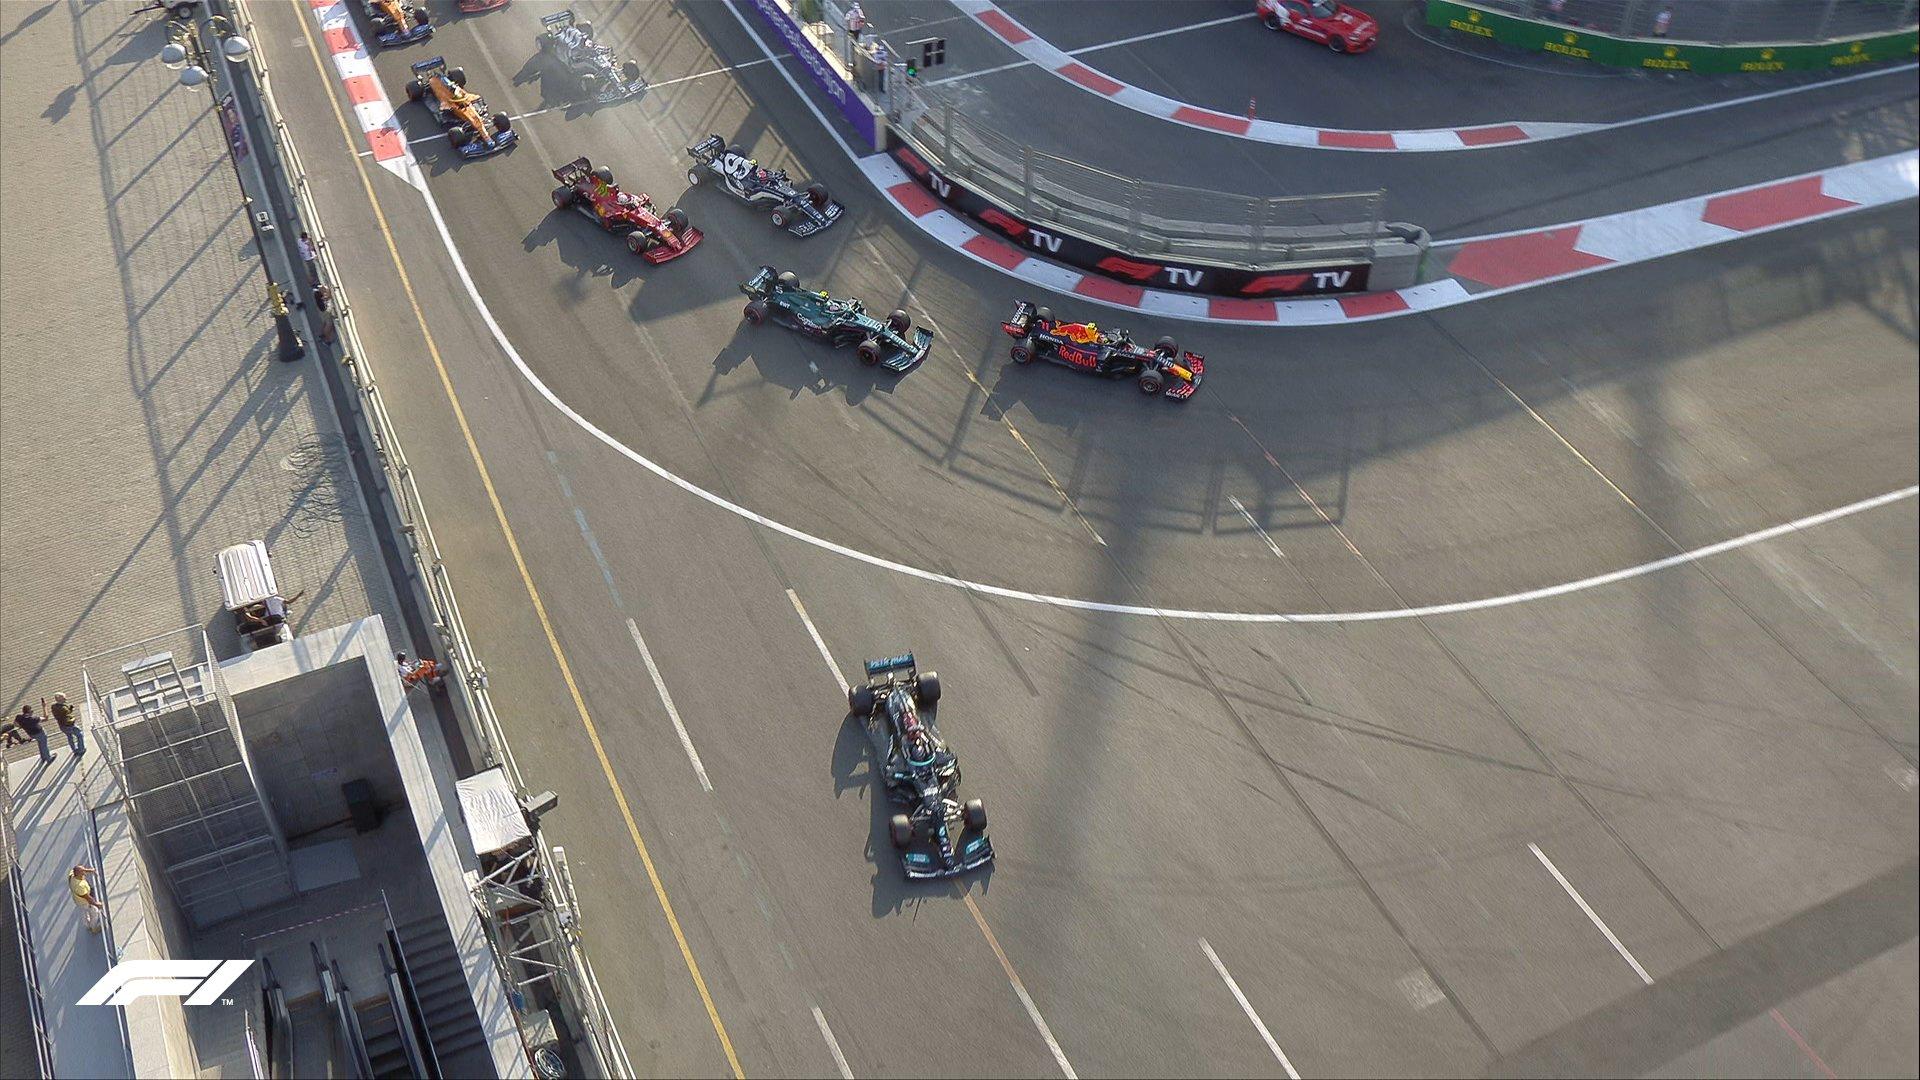 Hamilton bị kẹt phanh, văng khỏi đường đua khi đoàn đua vào hai vòng cuối. Ảnh: Formula1